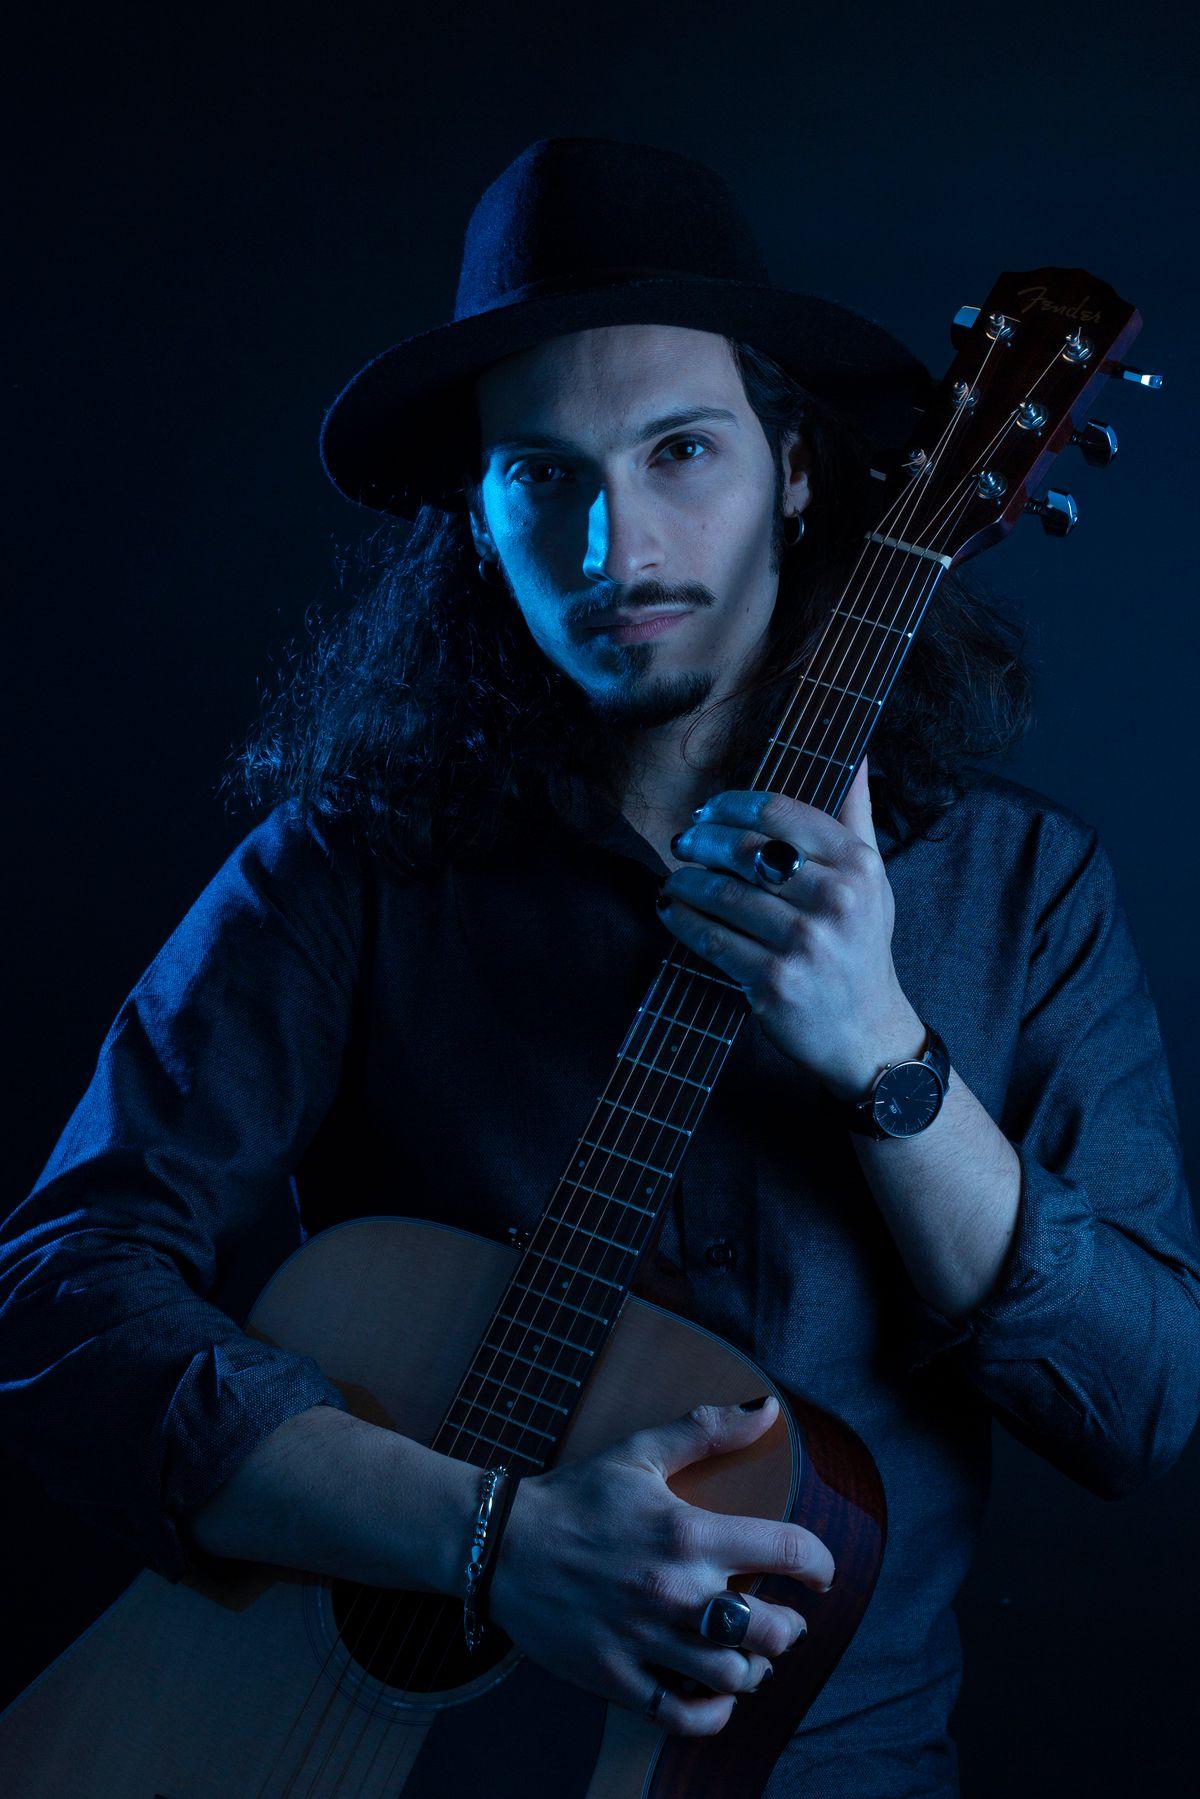 Oggi i social sono molto importanti per un artista figuriamoci per un emergente - Intervista al cantautore Nero Music